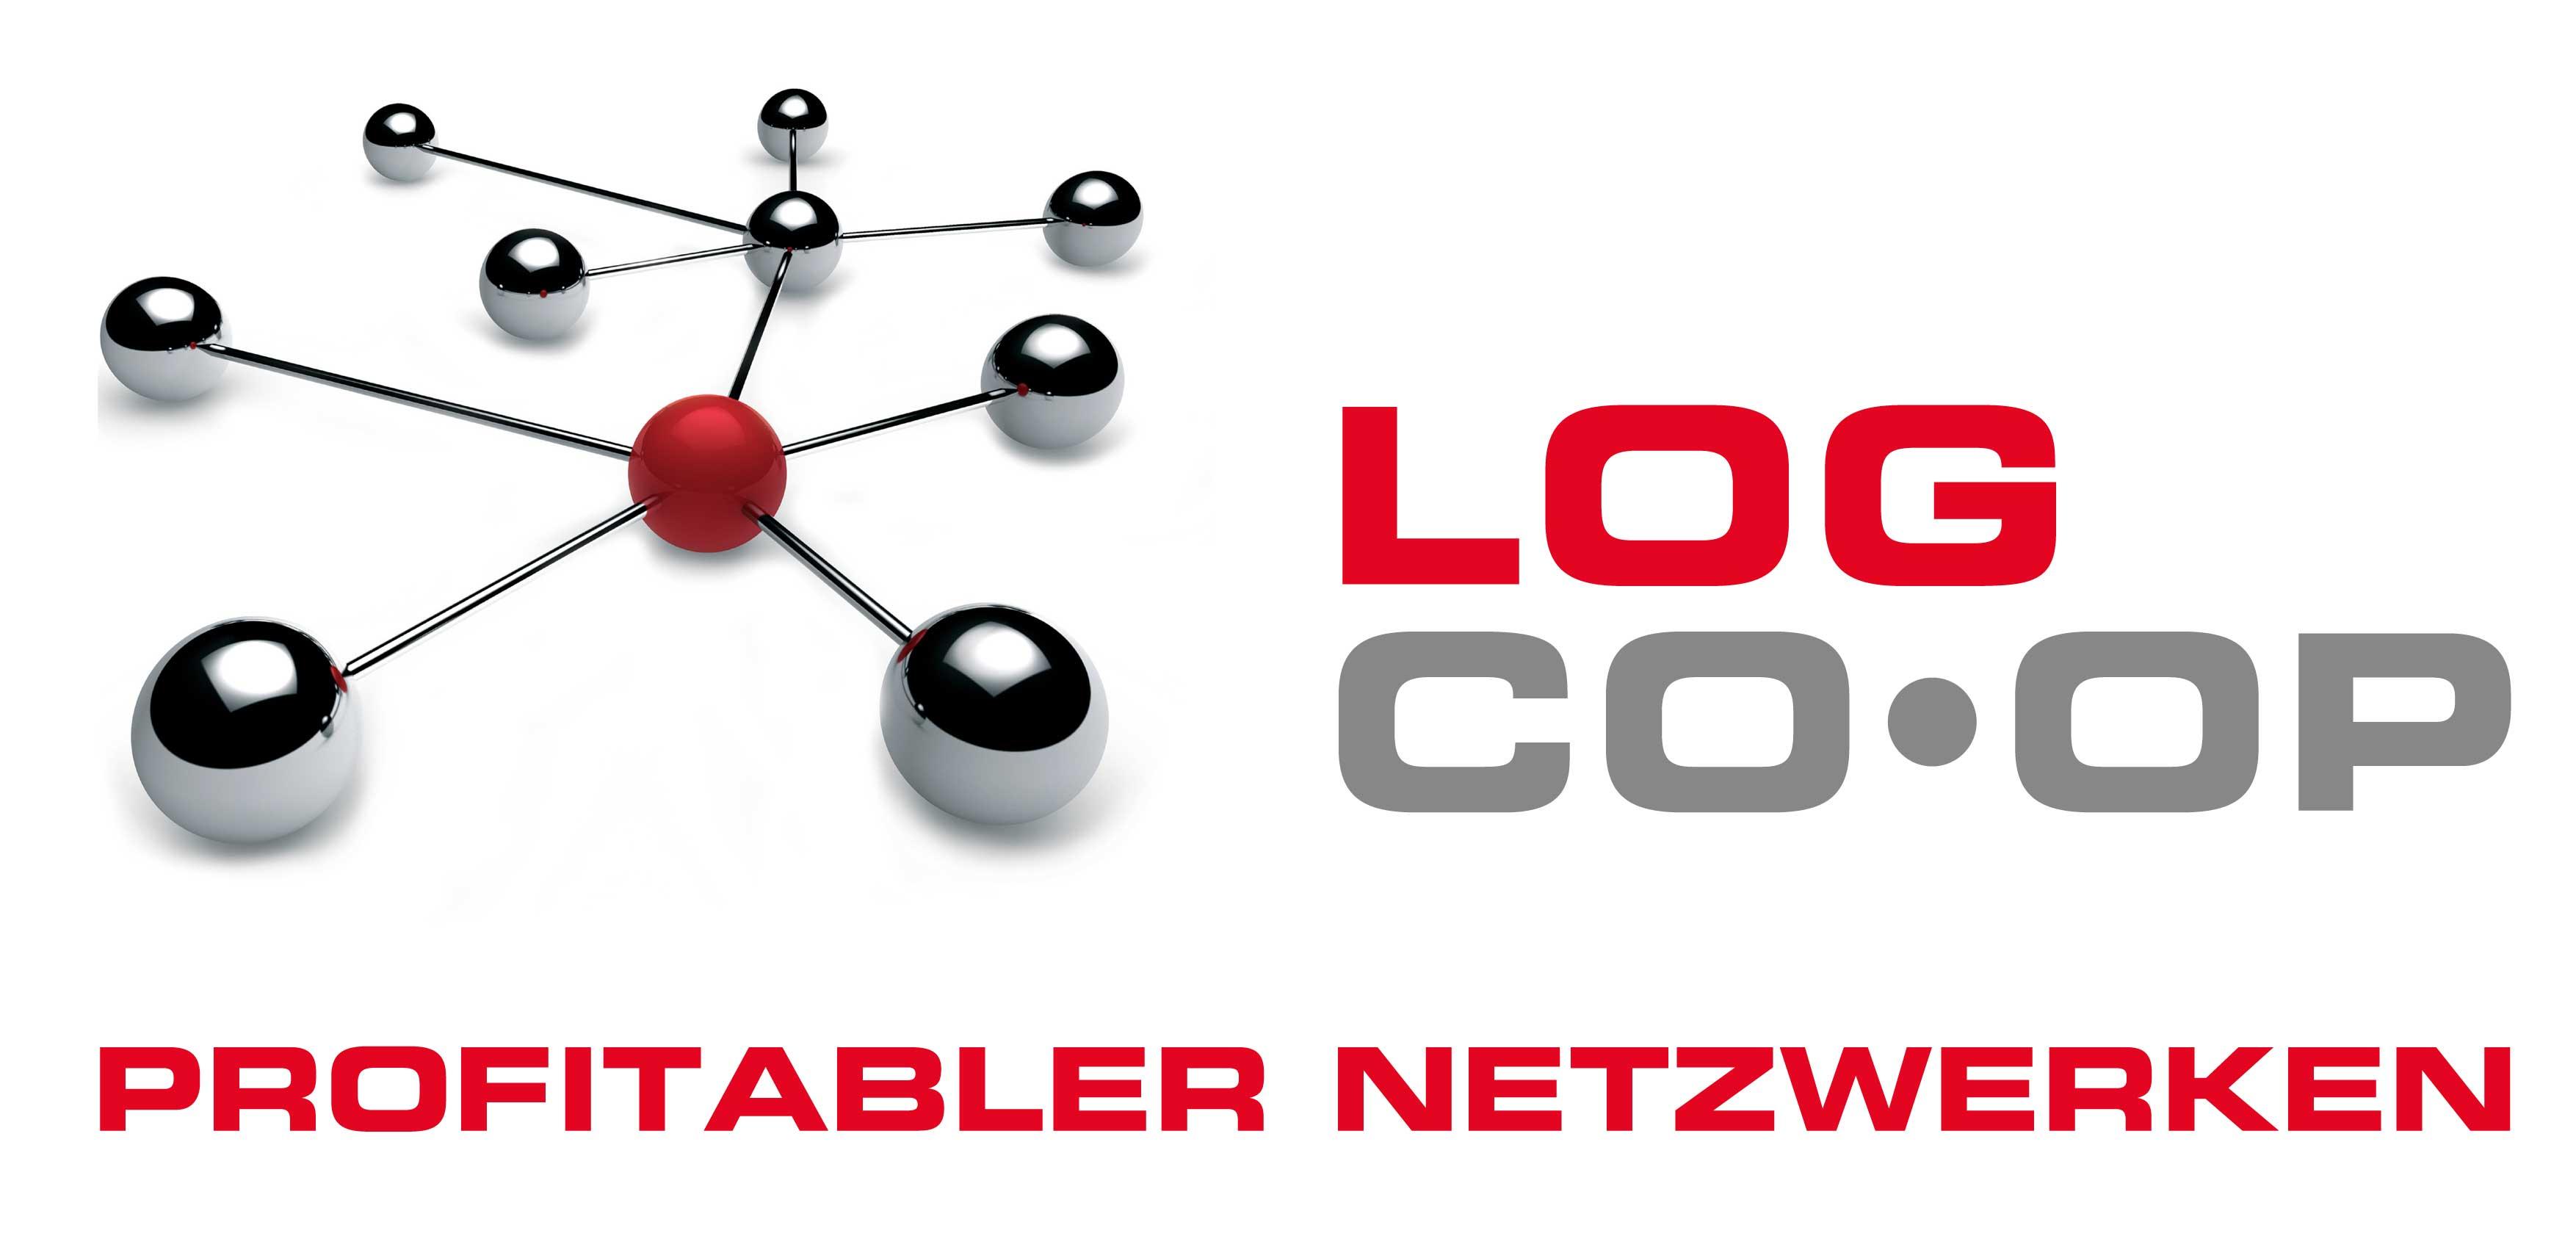 logo-logcoop-profitabler-netzwerken